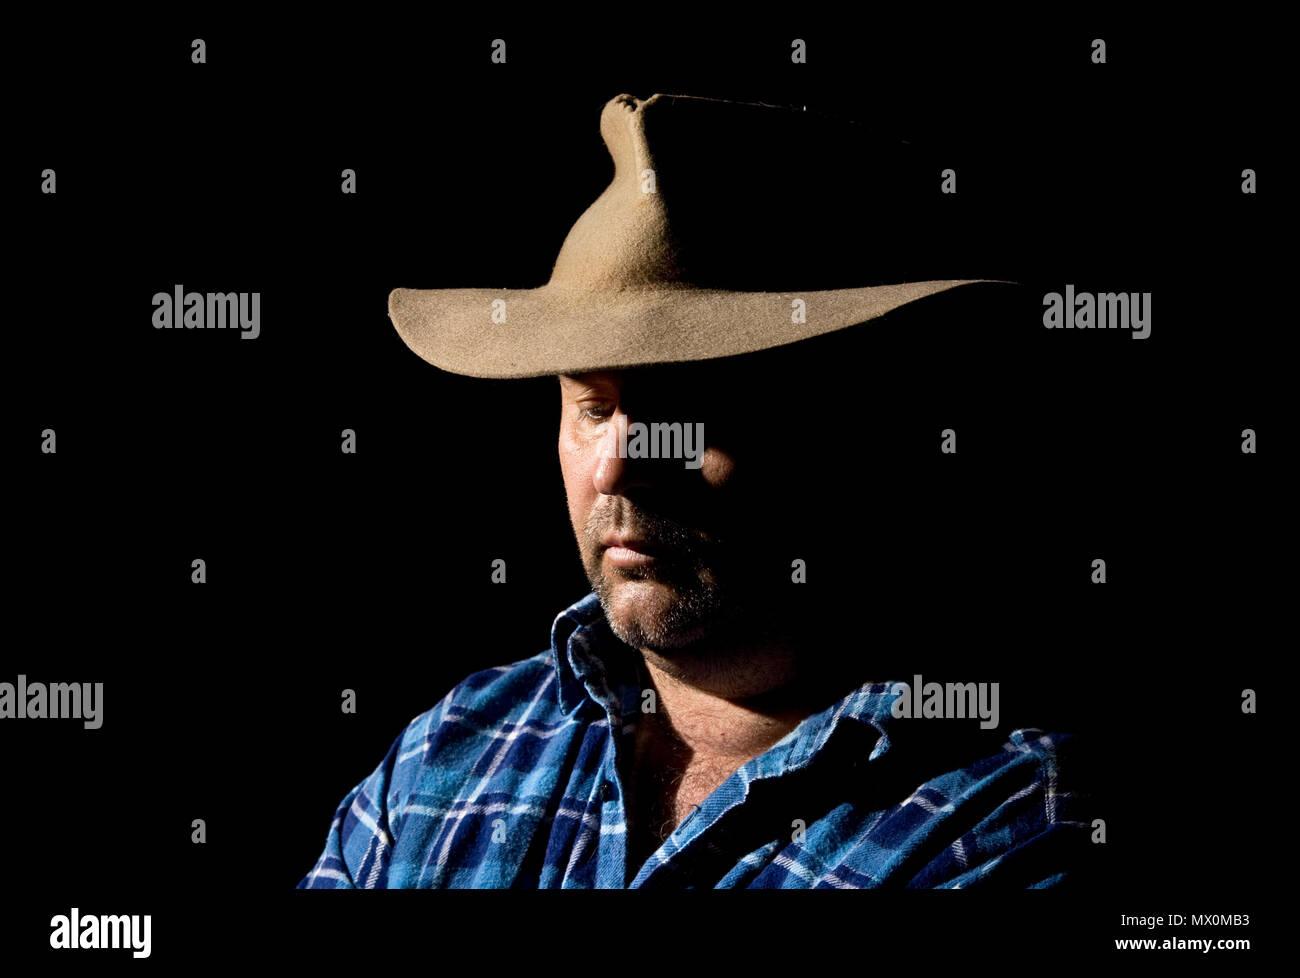 Un uomo che guarda in basso con abbattuto gli occhi. Immagini Stock